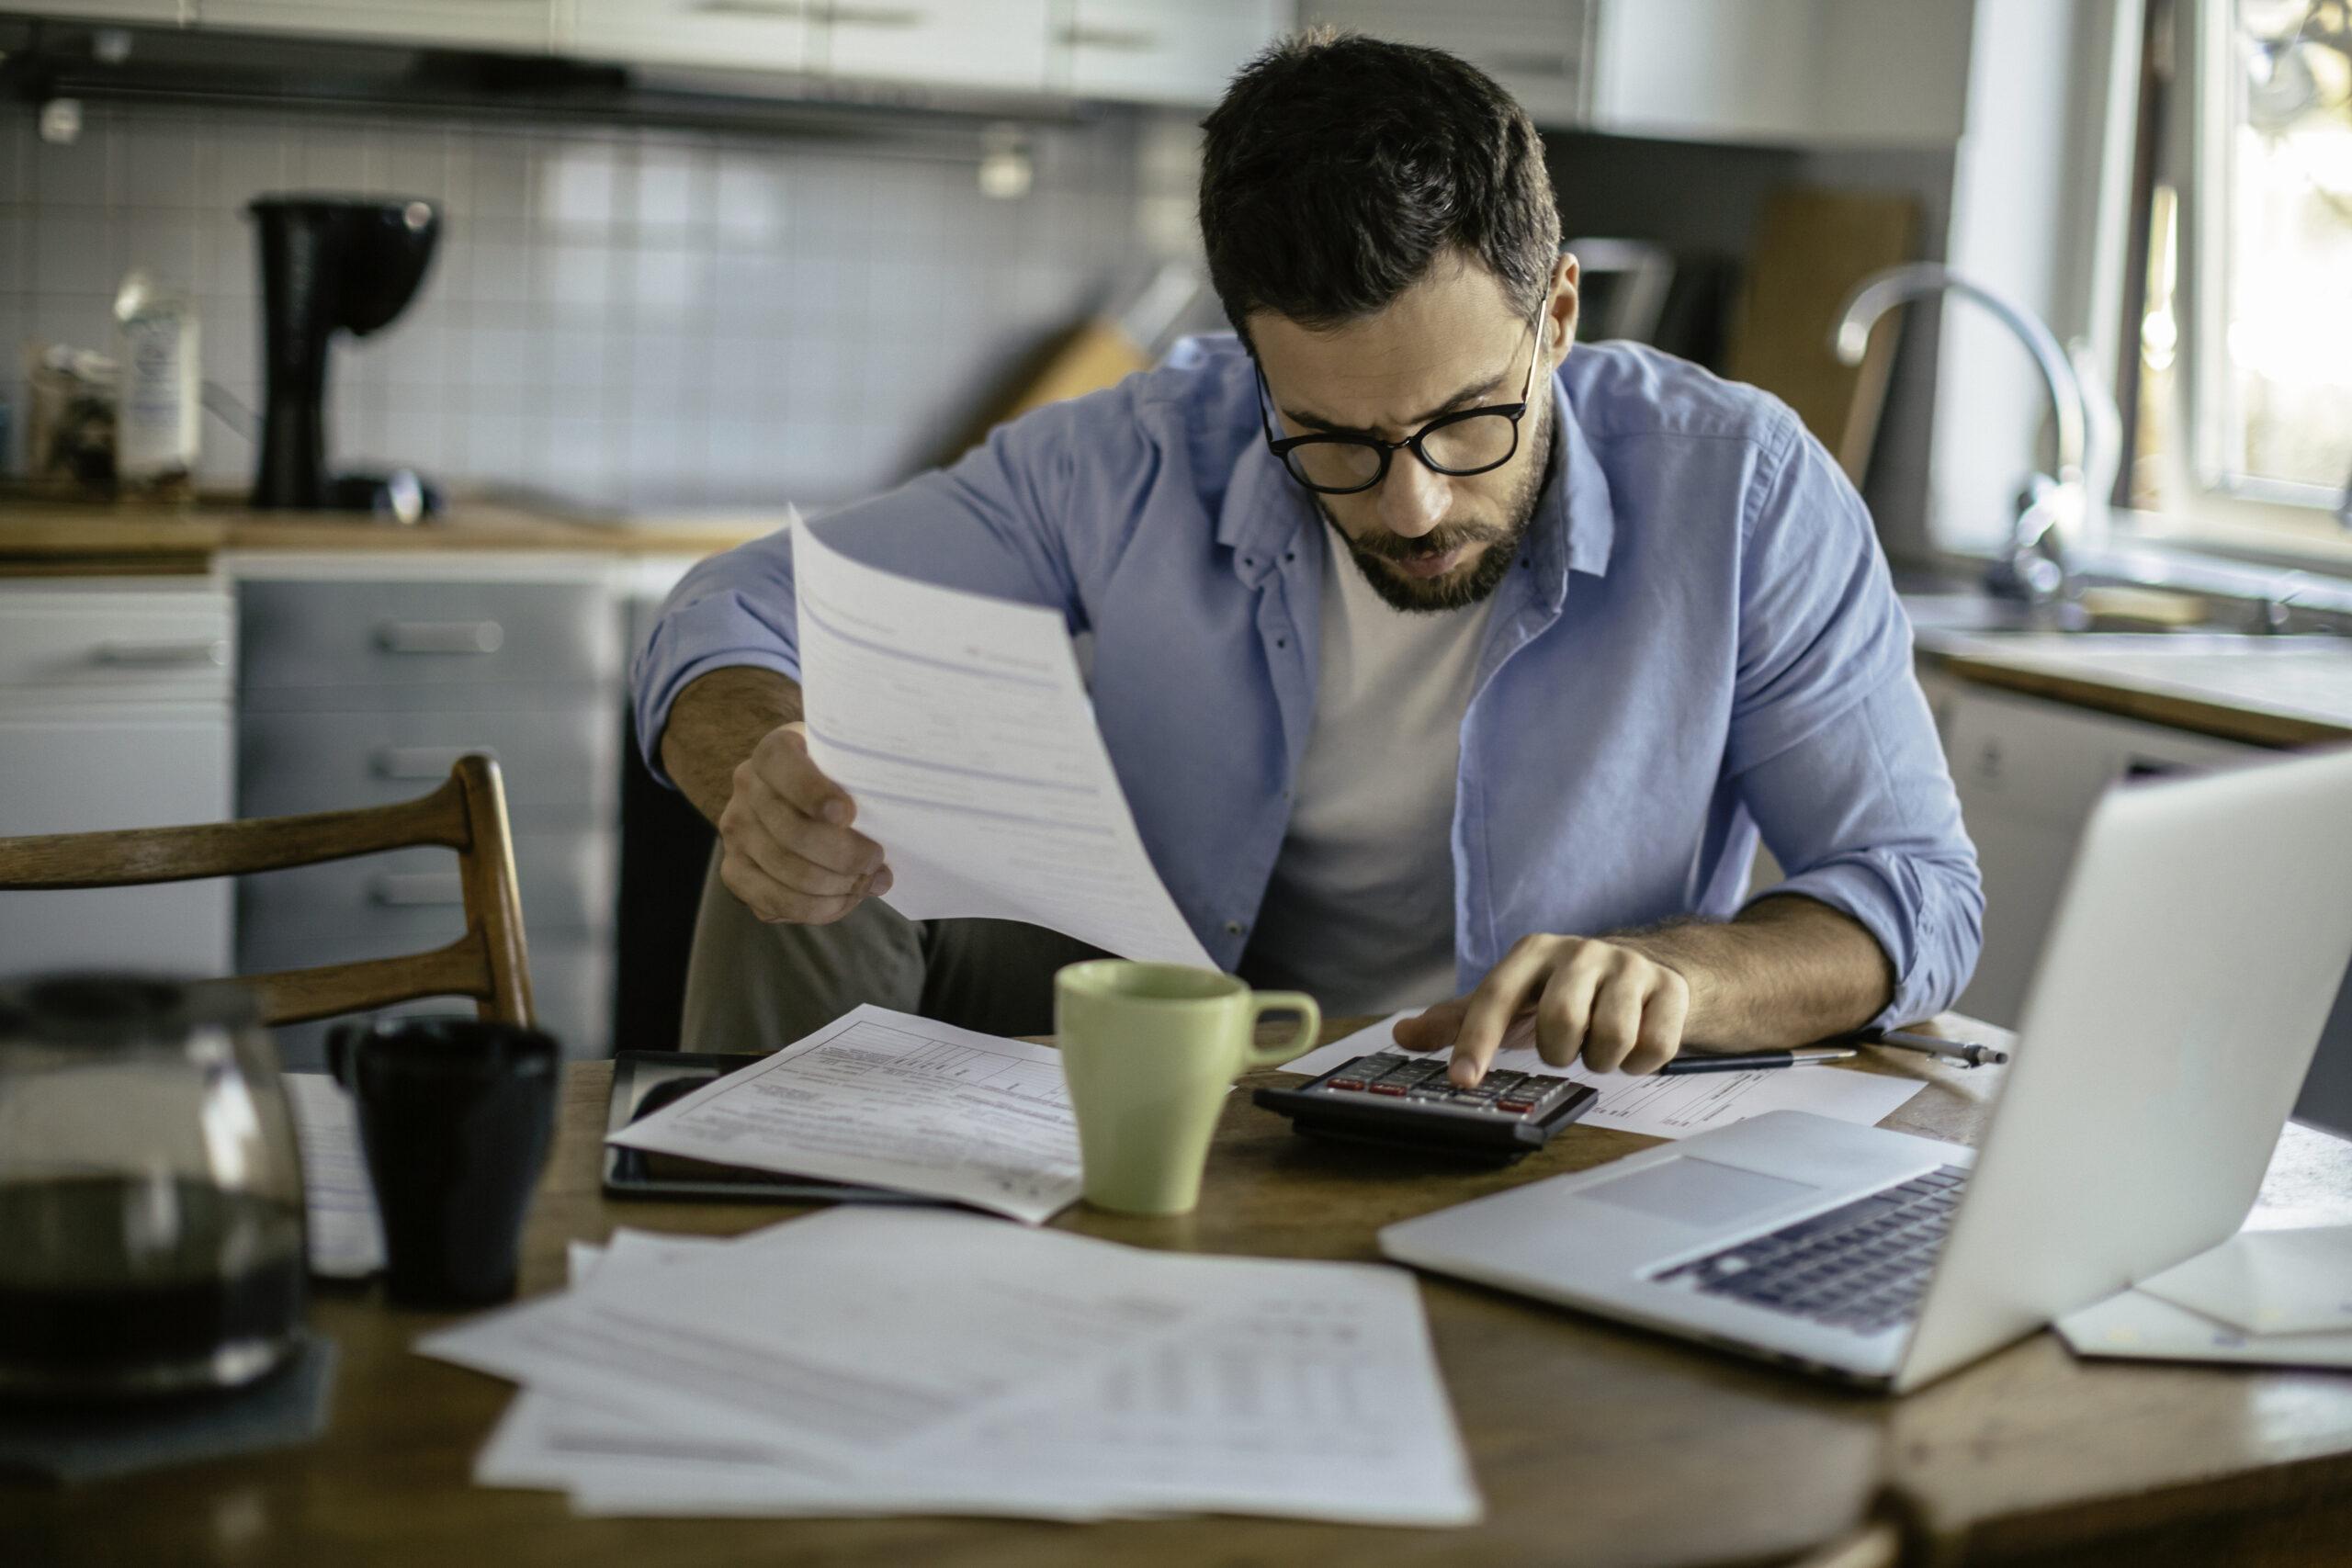 Main image of article: L'auto-entreprenariat et les droits au chômage